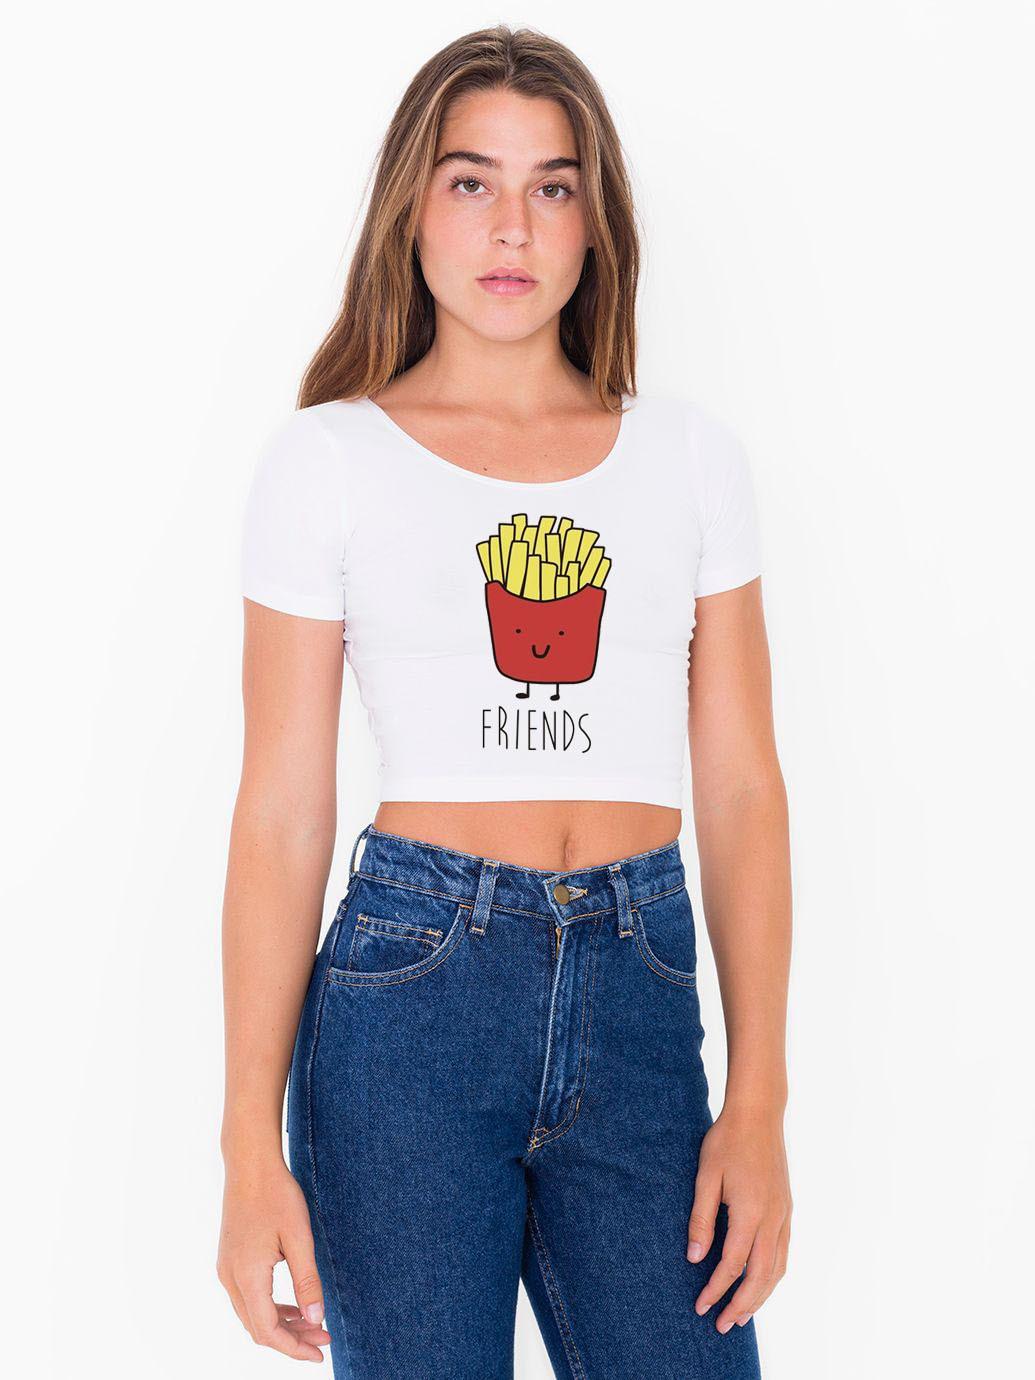 2020 T-shirt Verão Nova Moda e Design original de Mulheres requintado e sexy camisetas de manga curta t-shirt impressão